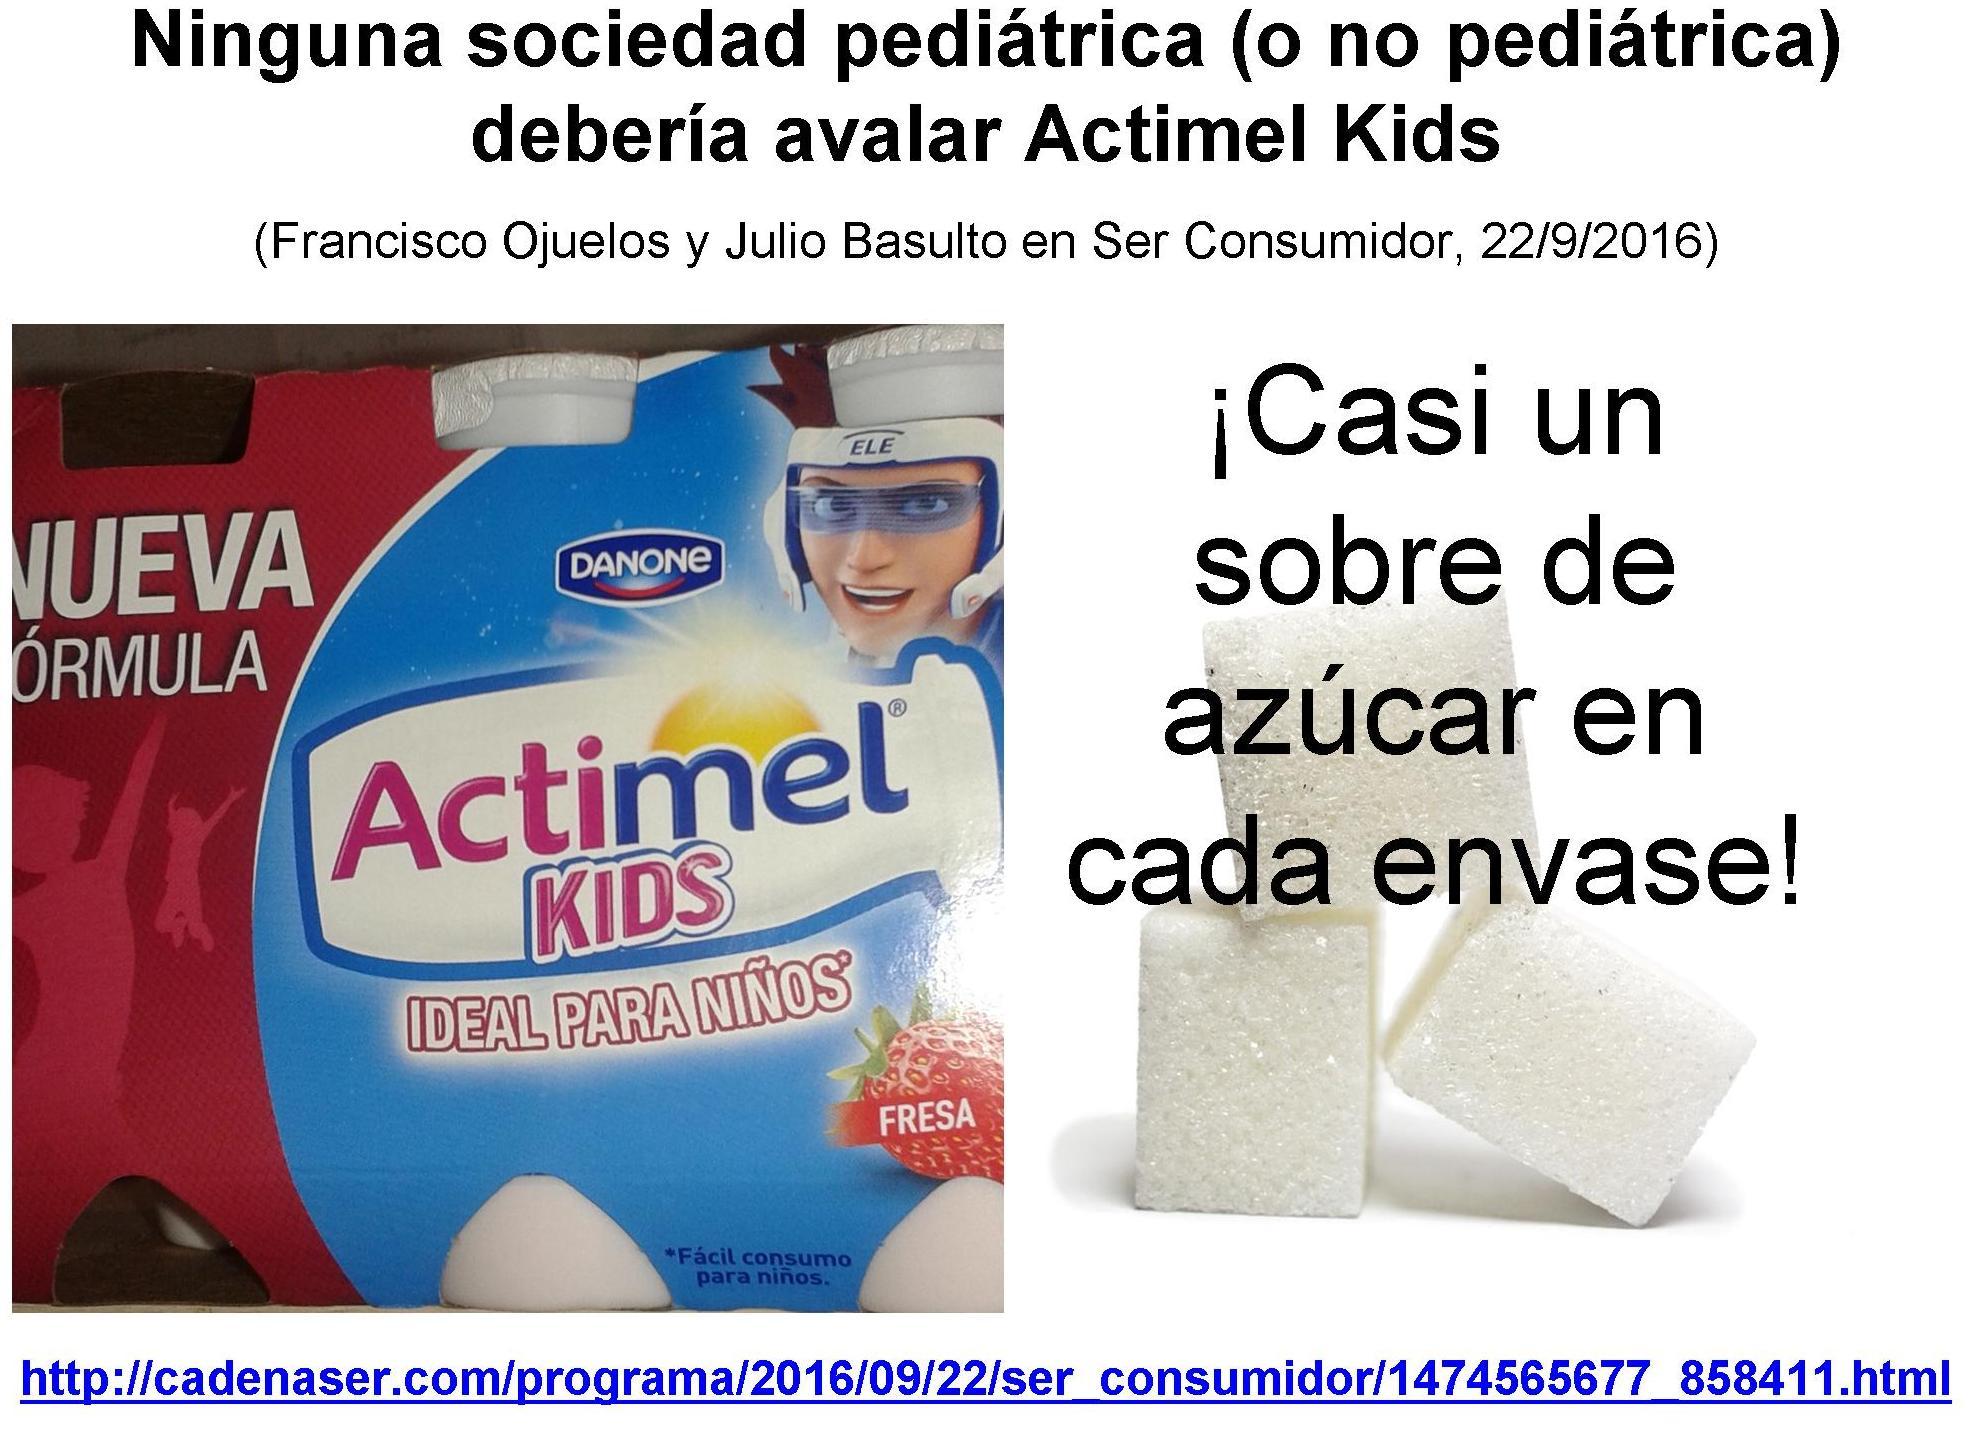 Ninguna sociedad pediátrica (o no pediátrica) debería avalar Actimel Kids